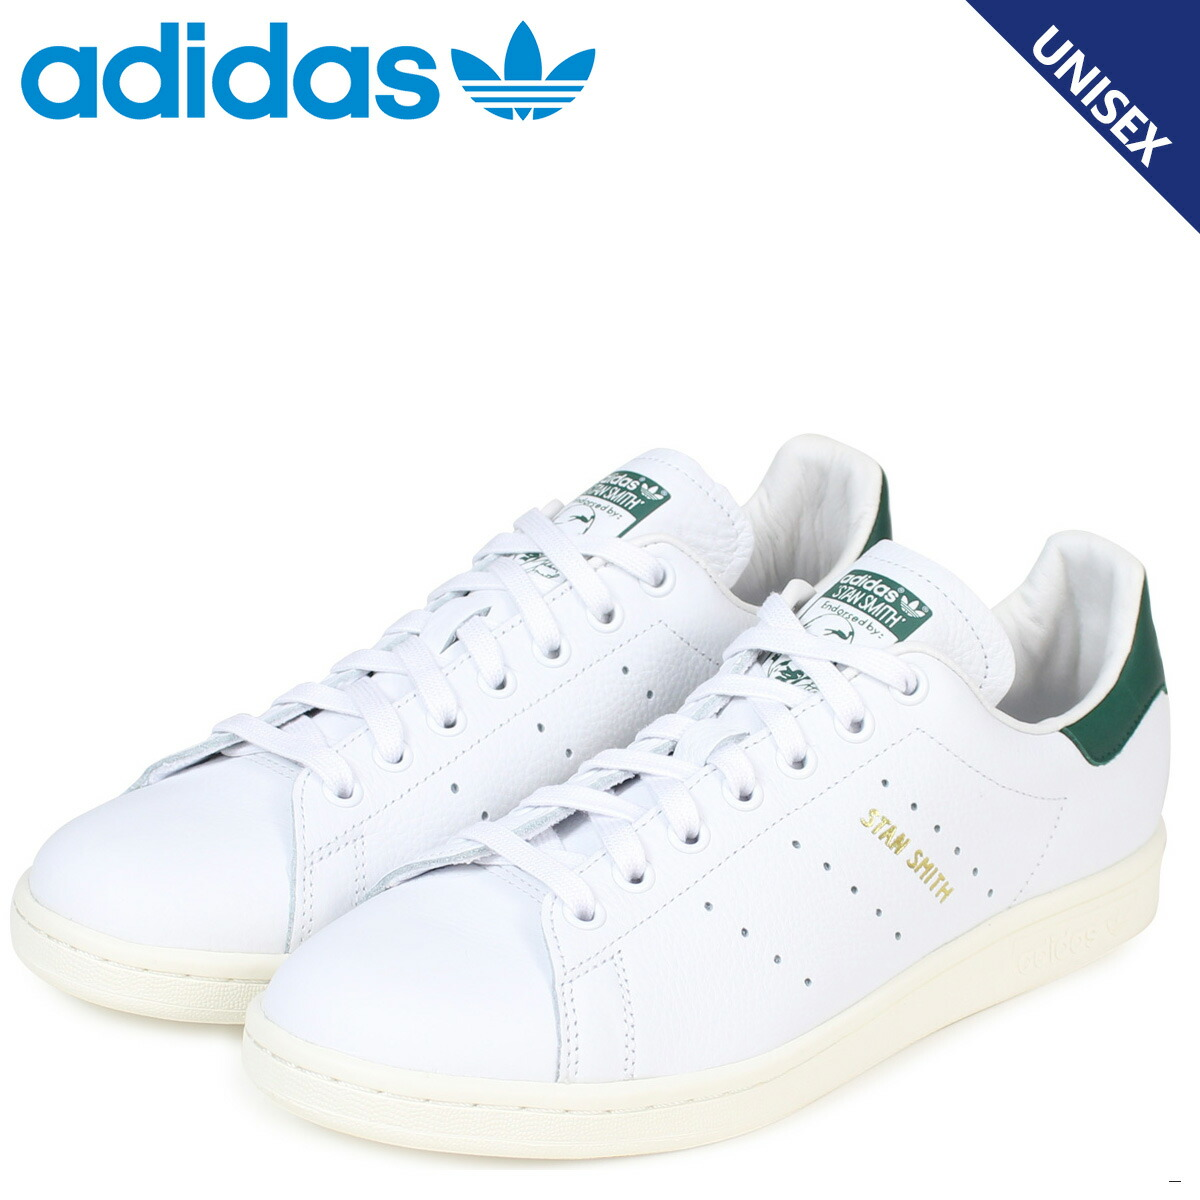 アディダス スタンスミス adidas Originals スニーカー STAN SMITH メンズ CQ2871 靴 ホワイト [予約商品 2/6頃入荷予定 追加入荷]